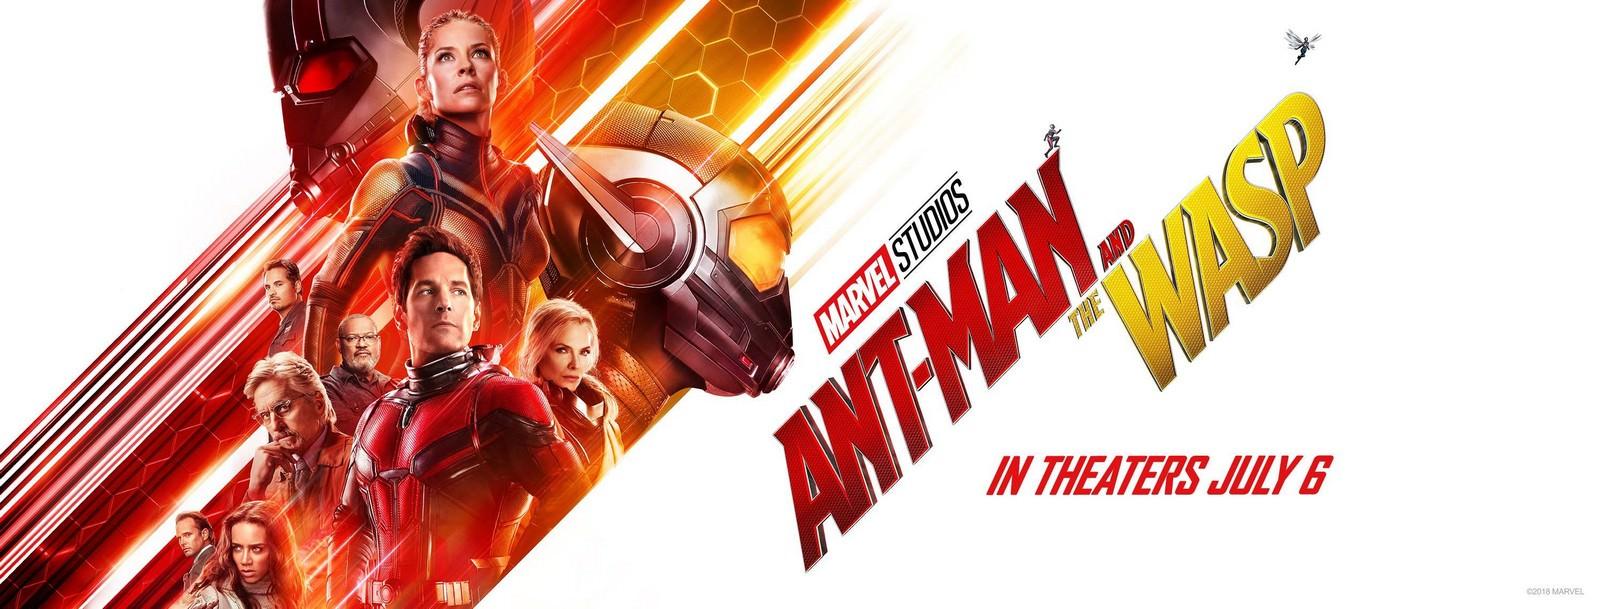 Movie, Ant-Man and the Wasp(美國.英國) / 蟻人與黃蜂女(台) / 蚁人2:黄蜂女现身(中) / 蟻俠2:黃蜂女現身(港), 電影海報, 美國, 橫版